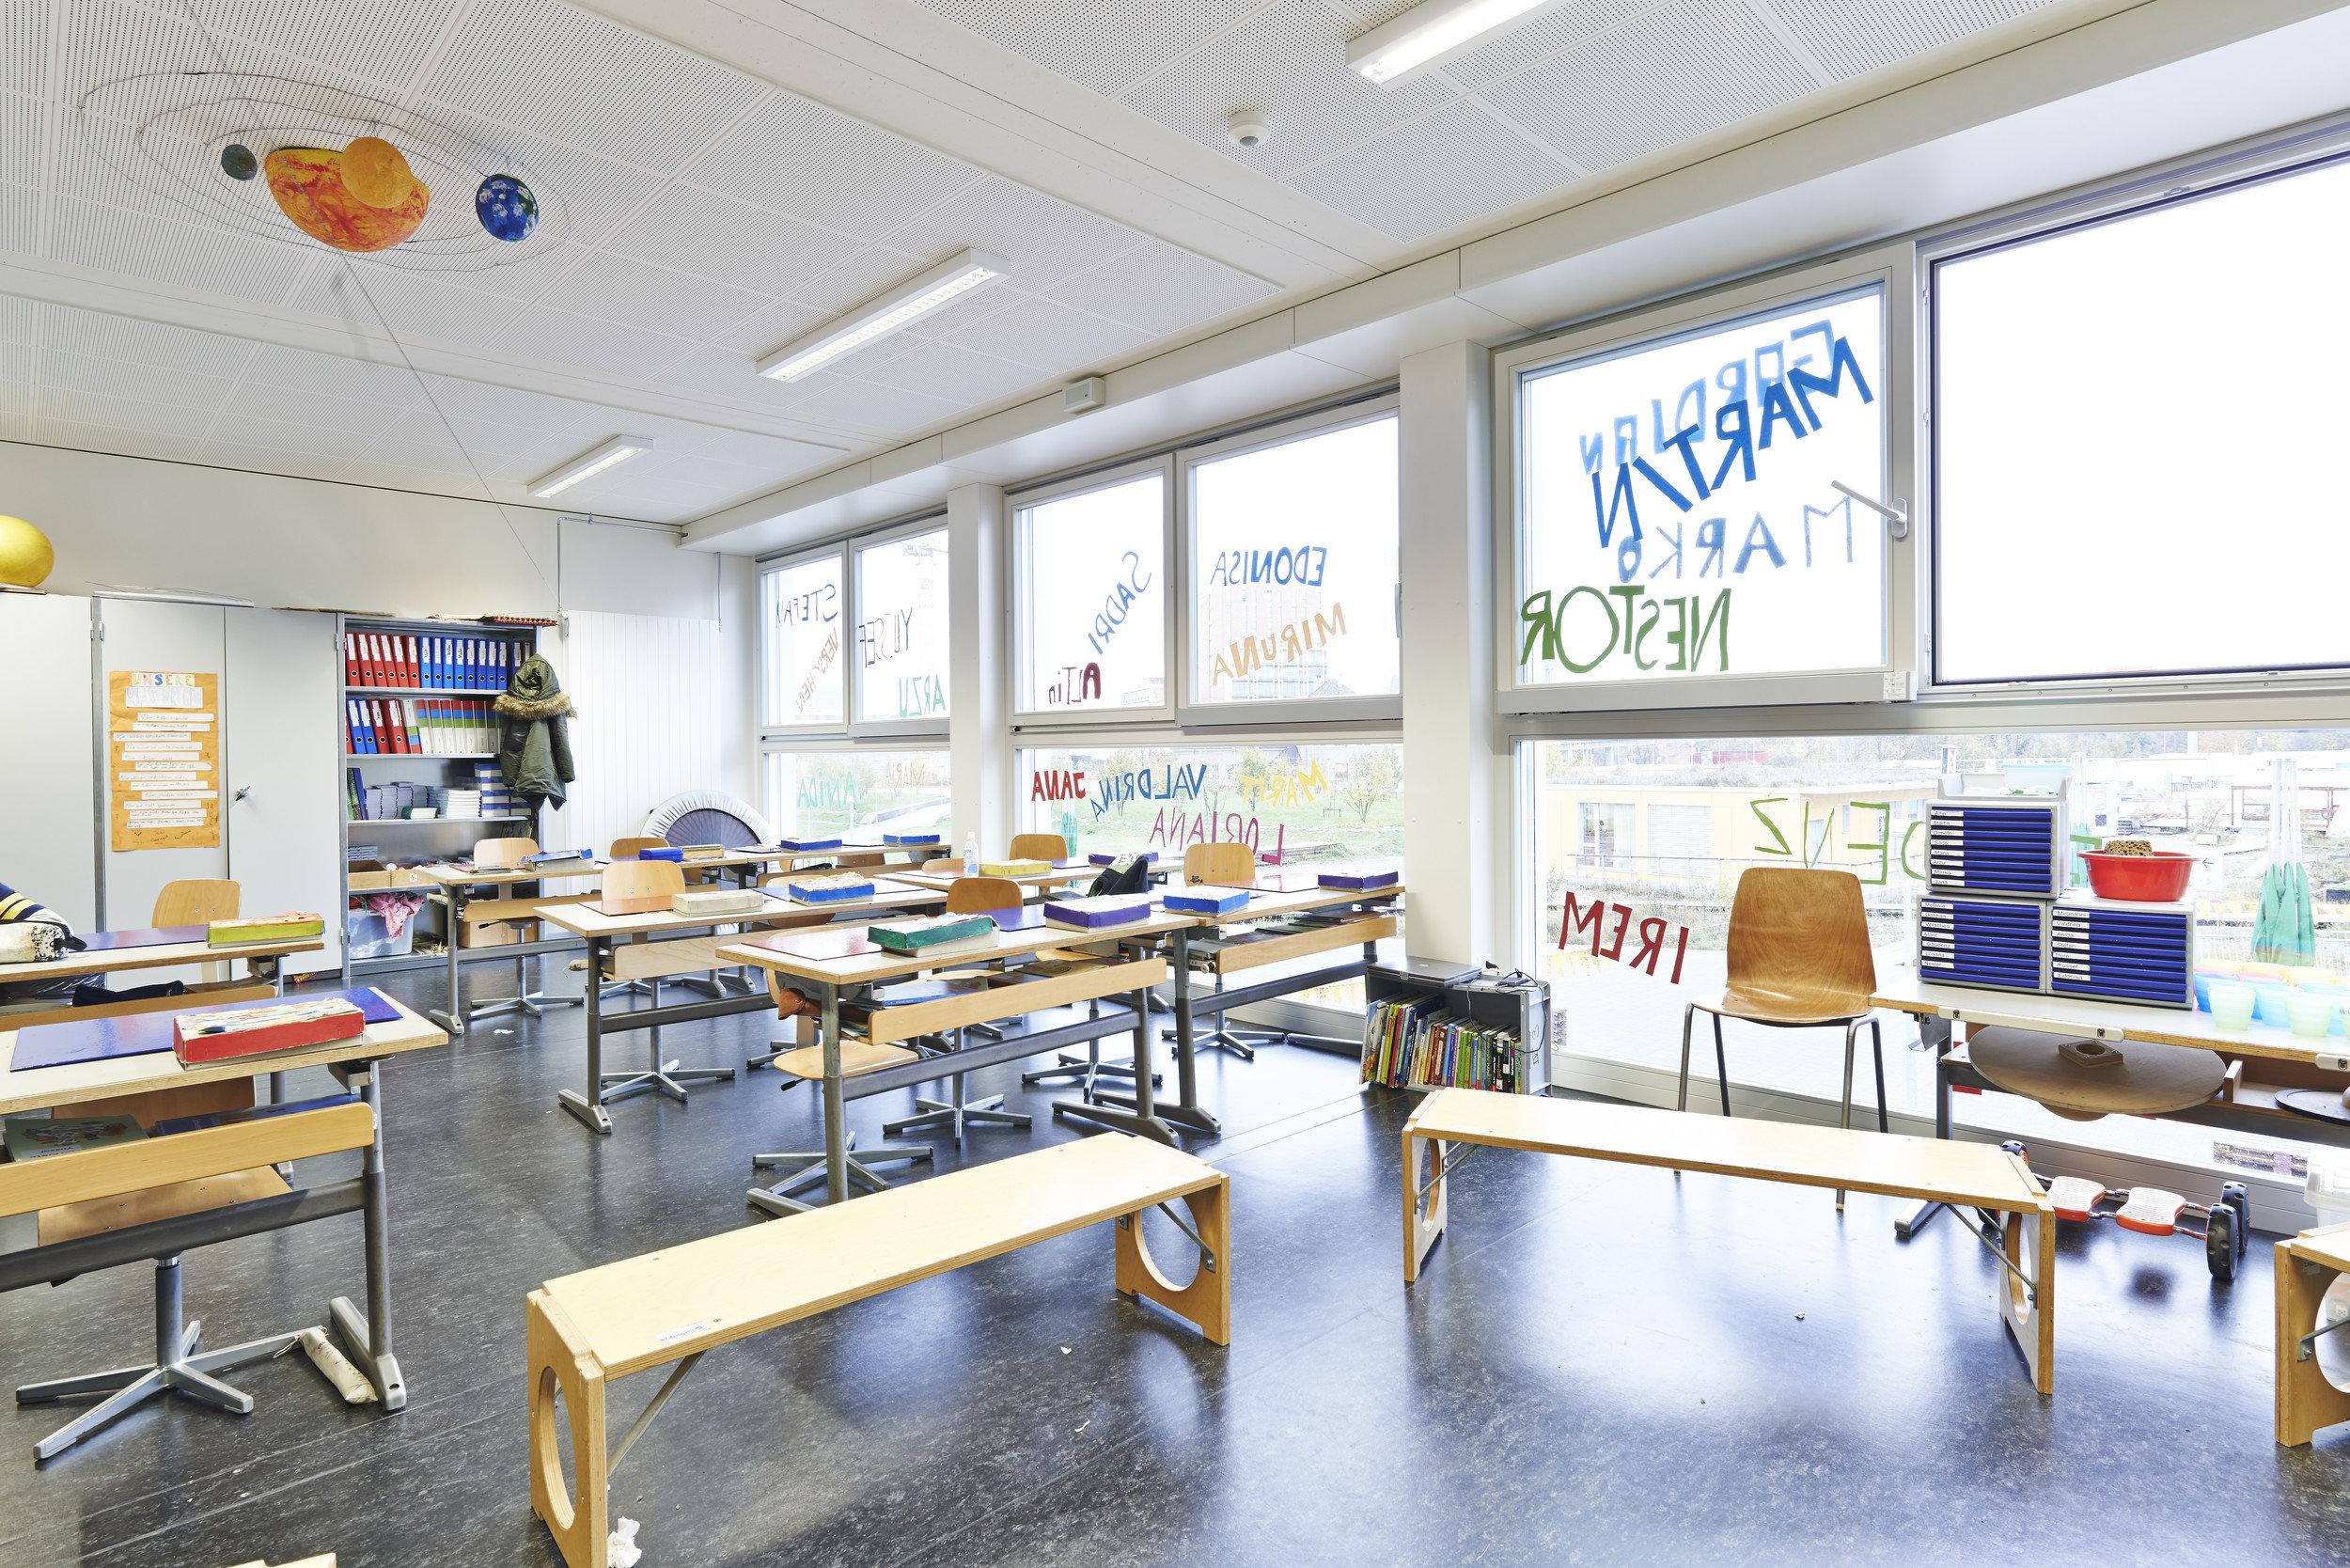 Lichtdurchflutetes ausgestattetes Klassenzimmer mit 3 gleich grossen Fensterelementen